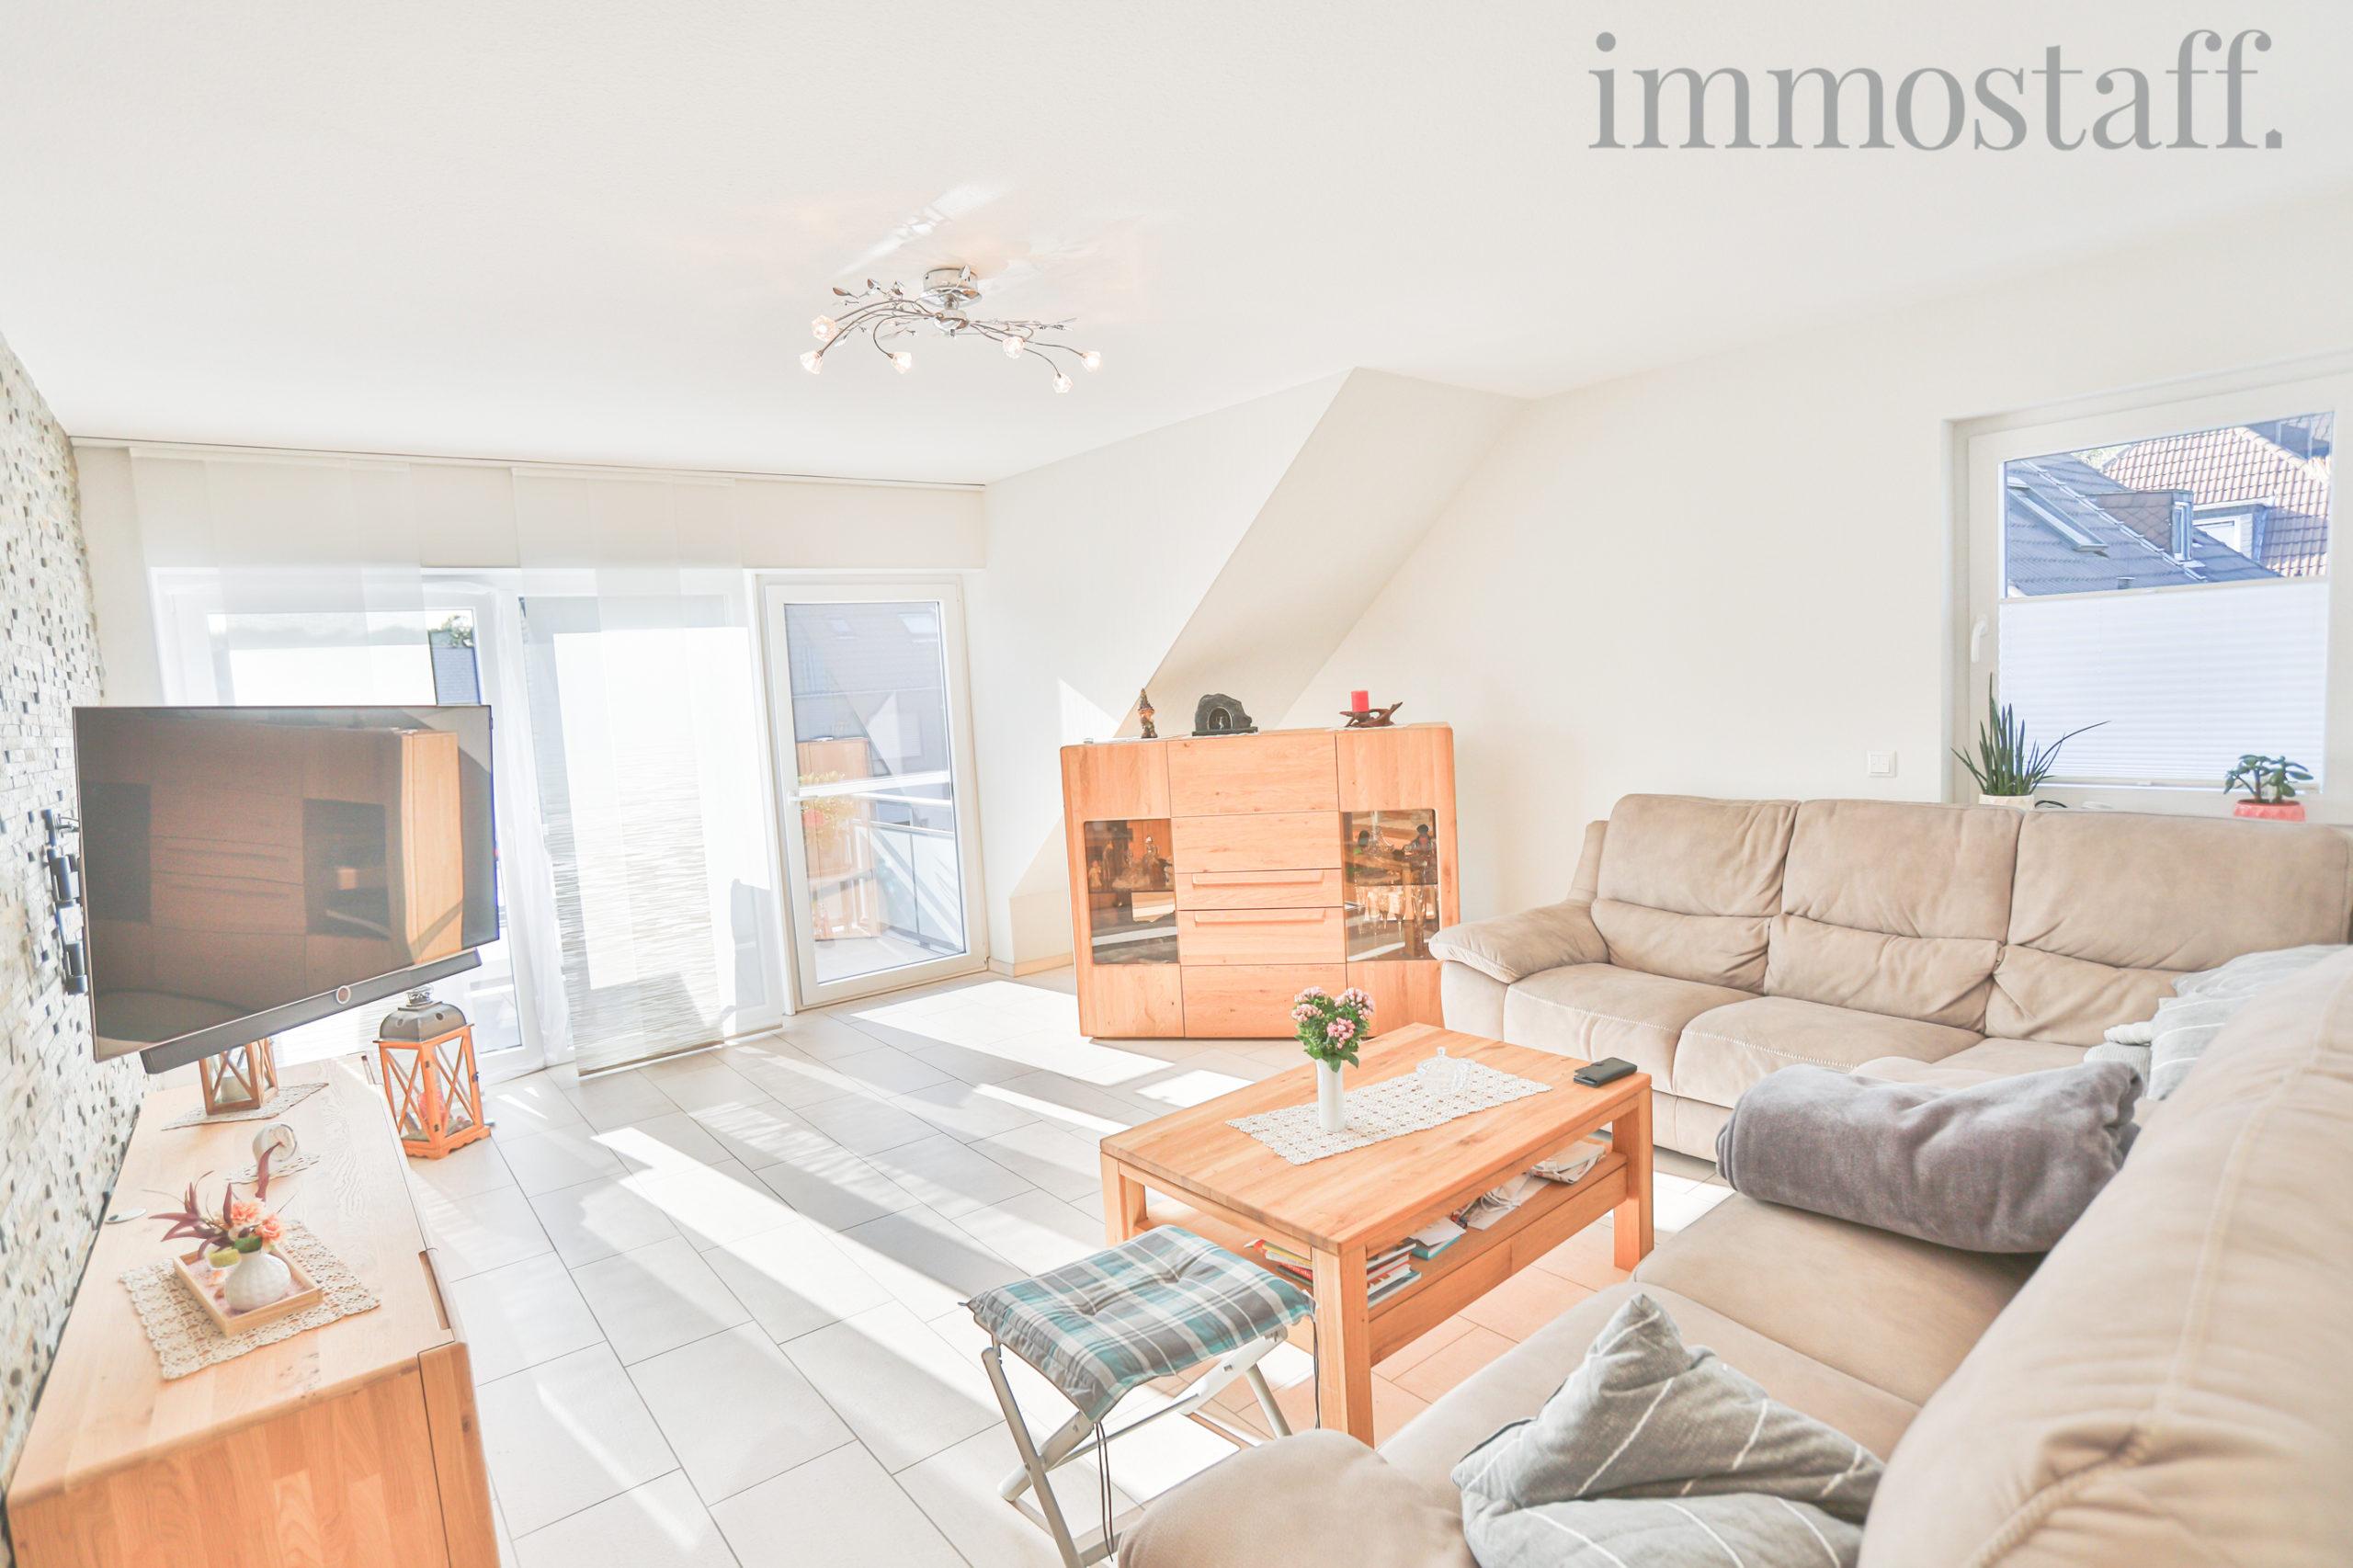 NEUWERTIG! Eigentumswohnung aus 2019 mit Balkon, Garage & Stellplatz zu verkaufen. PROVISIONSFREI!